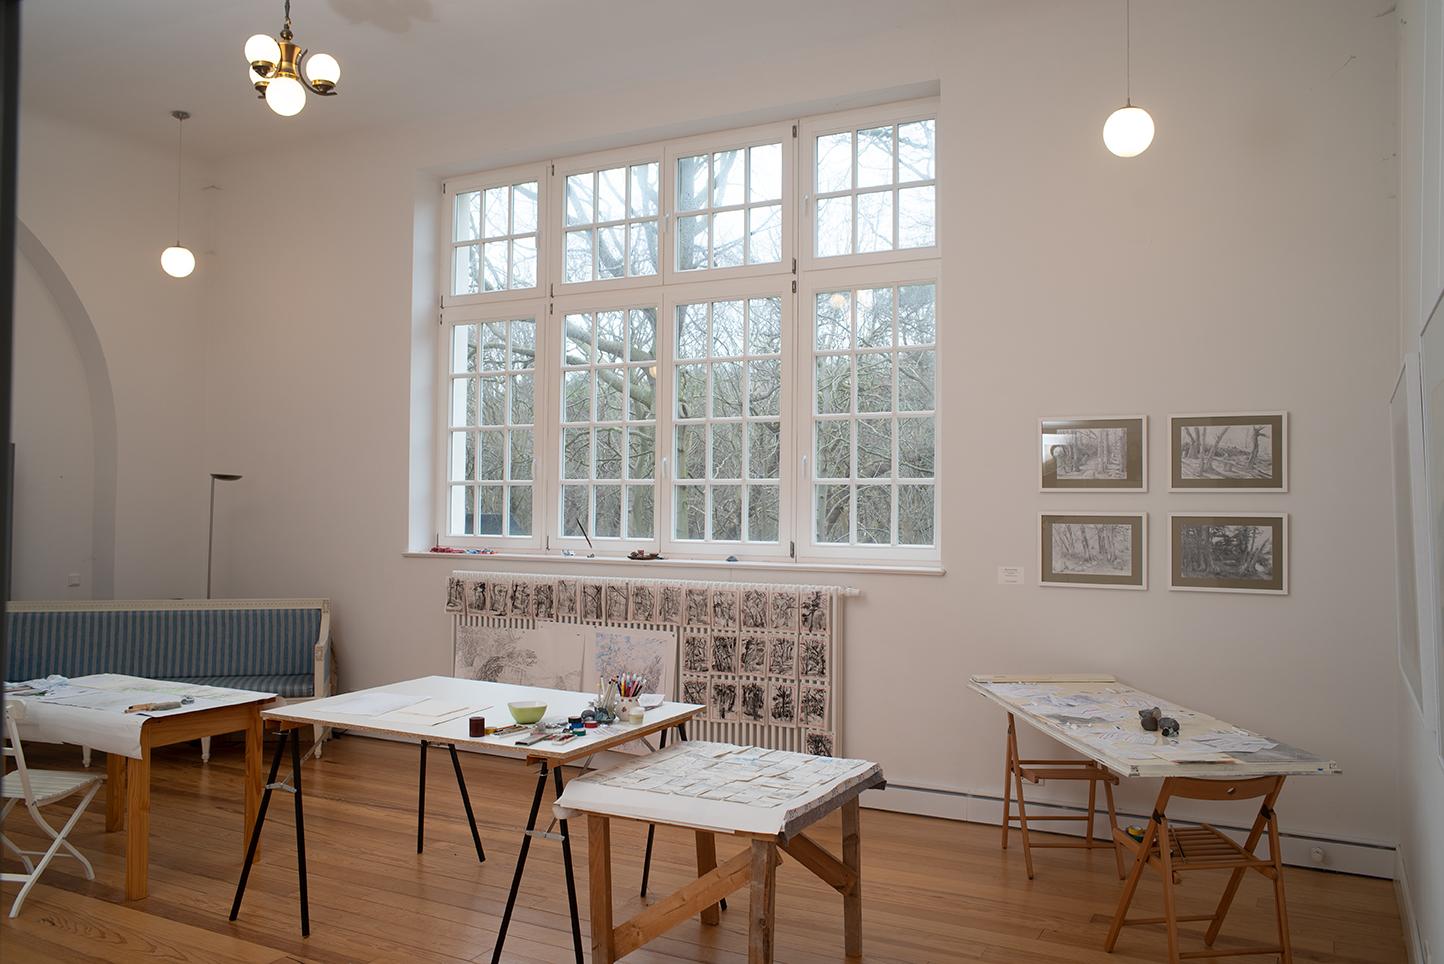 Lietzenburg Innenansichten - Im Atelier der Lietzenburg, mit Werken in Arbeit und vier Bleistiftzeichnungen von ELLEN LUISE WEISE